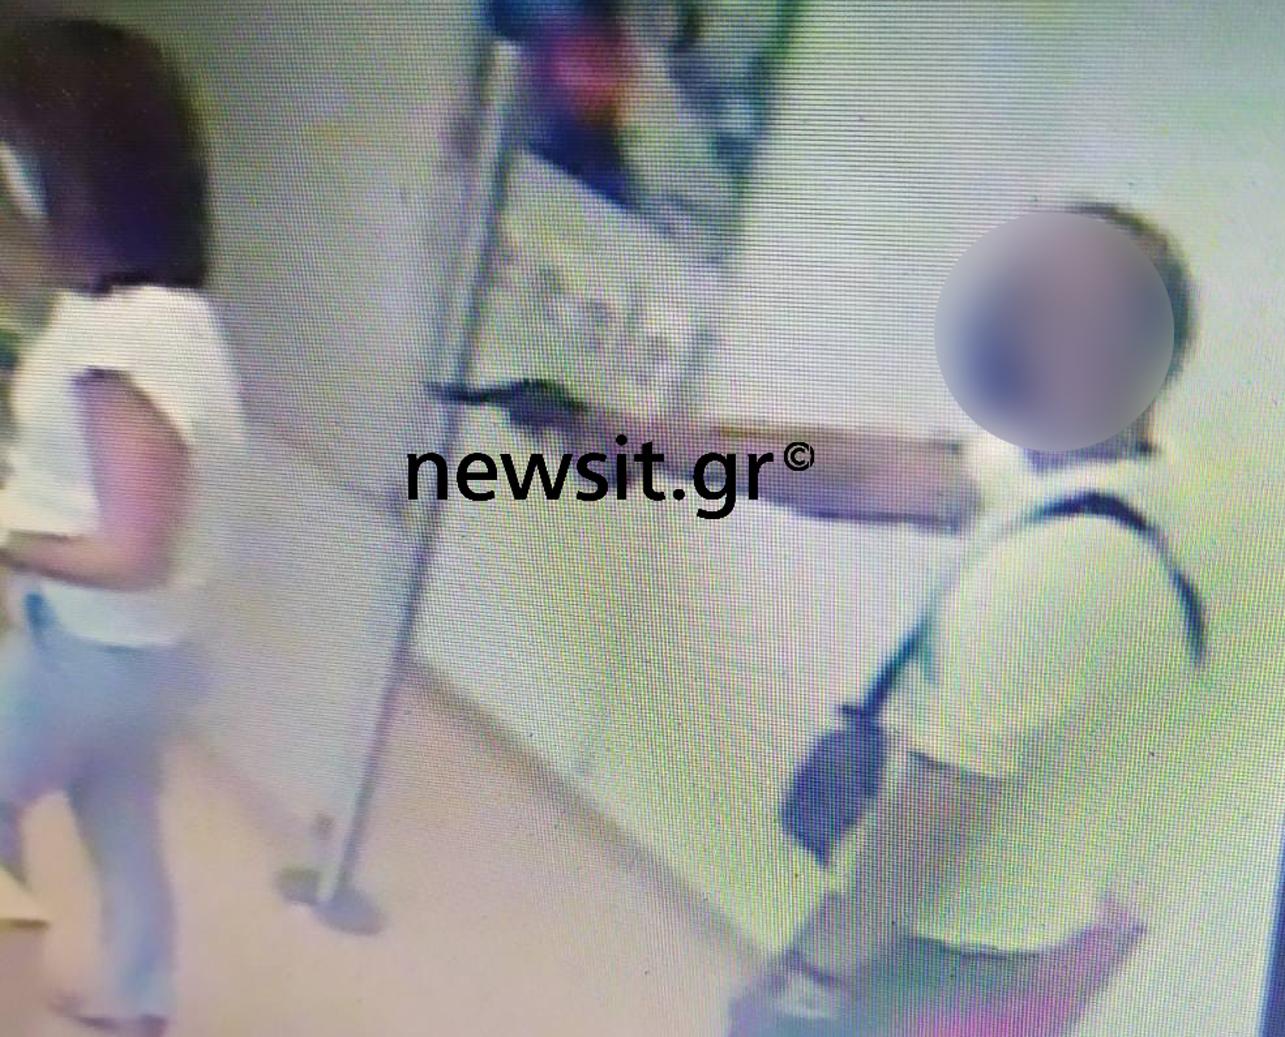 Ληστεία σε τράπεζα στη Μητροπόλεως: Έπιασαν και τον δεύτερο δράστη